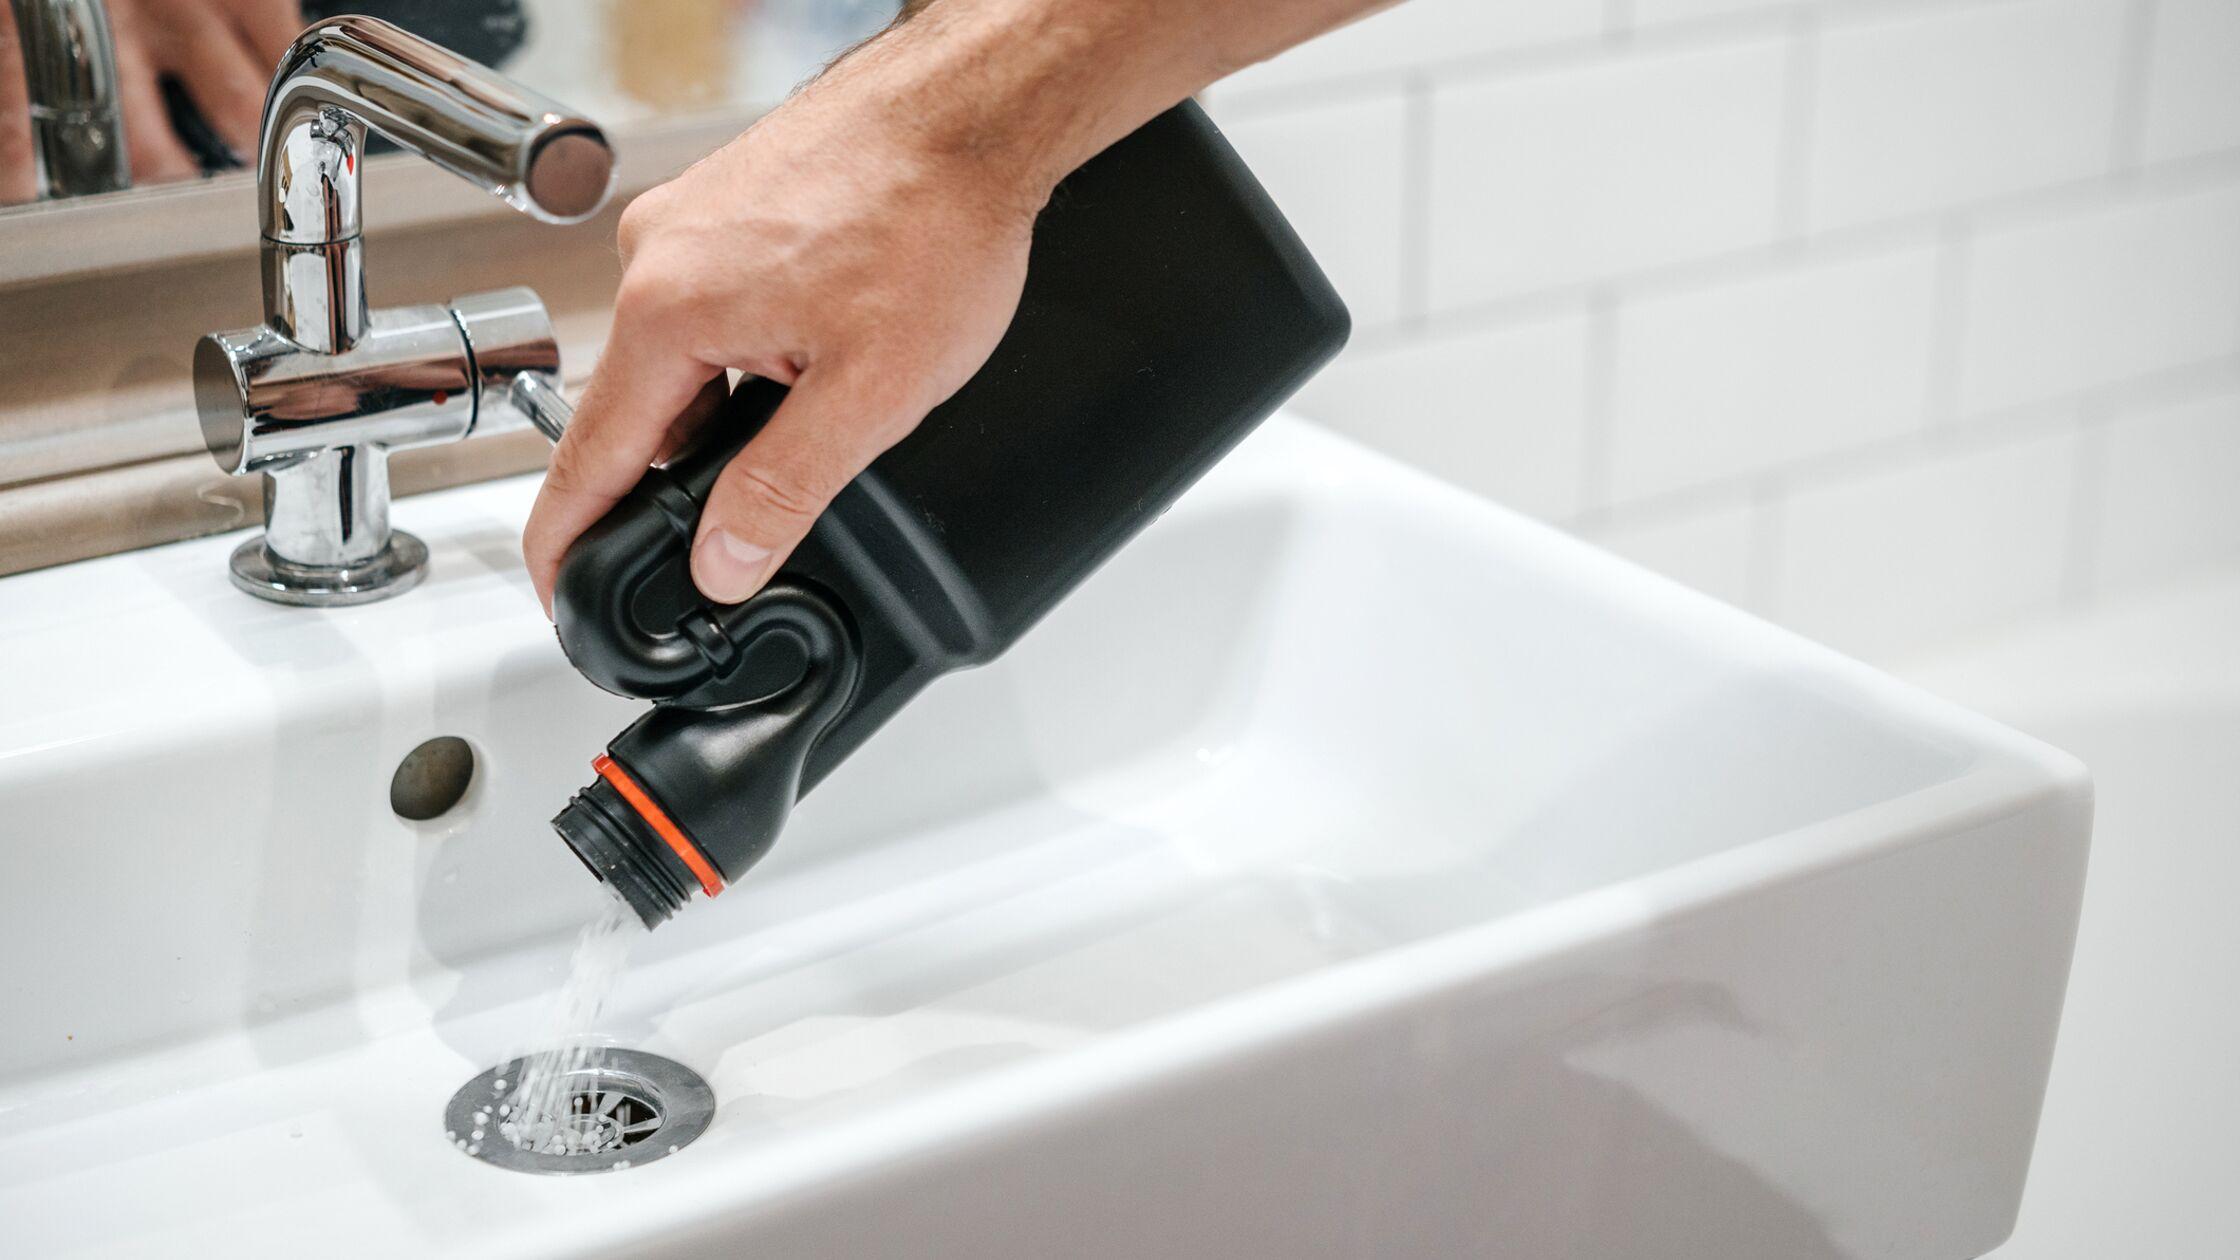 Mann schüttet Rohrreiniger in den Ausguss eines Waschbeckens